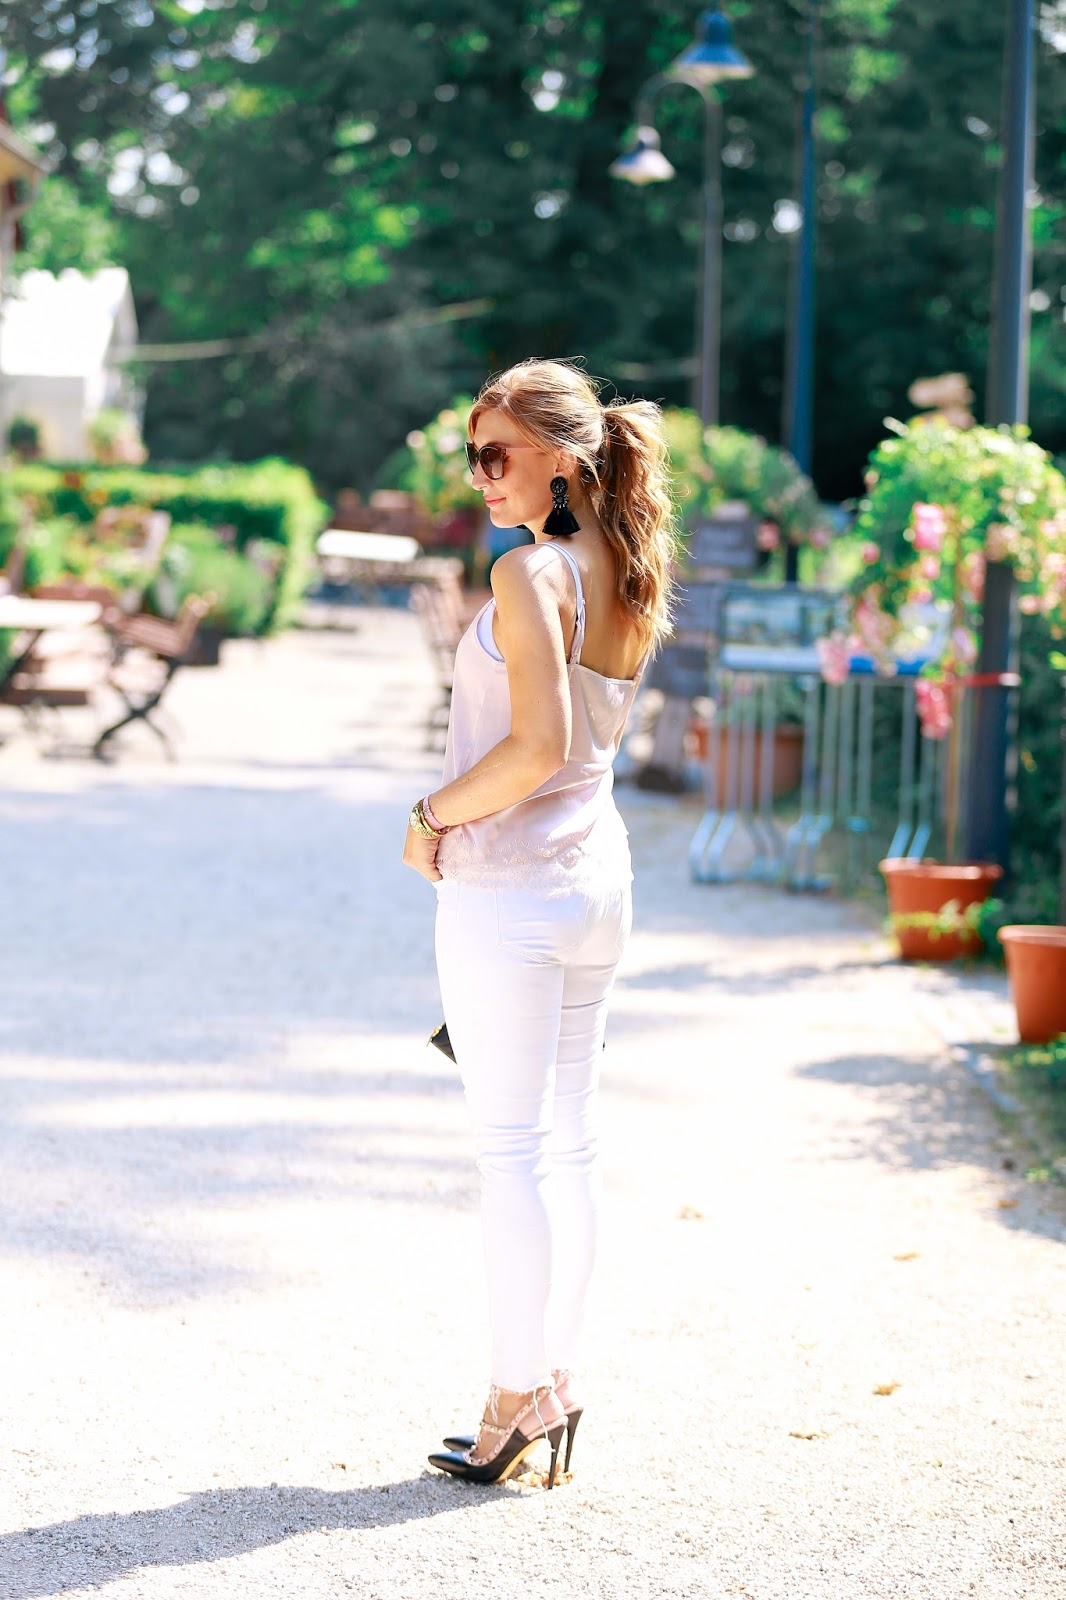 Fashionblogger-aus-deutschland-fashionstylebyjohanna-bloggerin-aus-frankfurt-deutsche-blogger